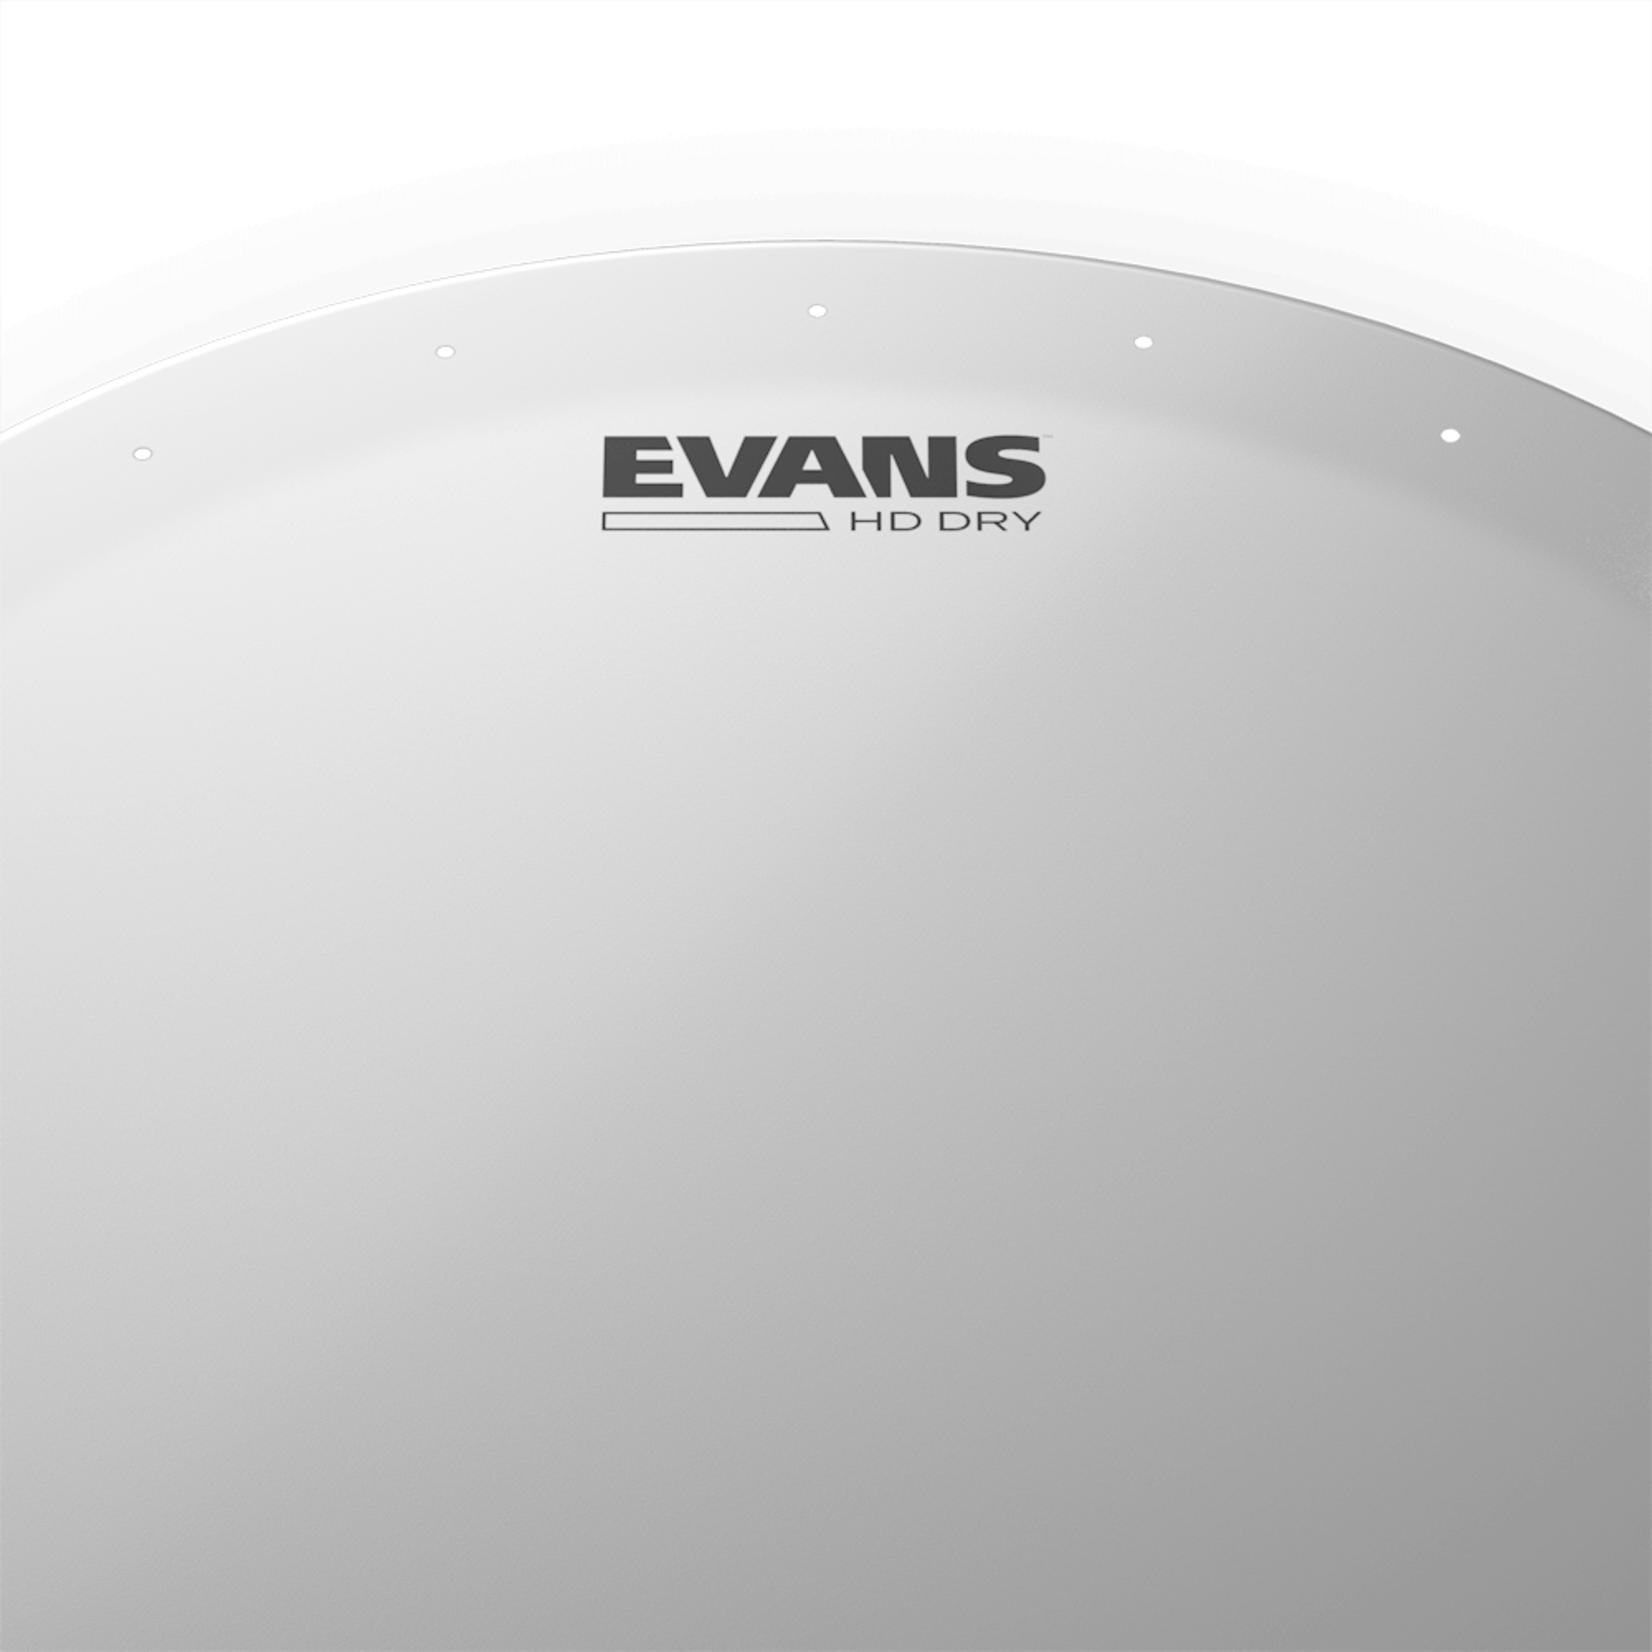 Evans EVANS GENERA HD DRY